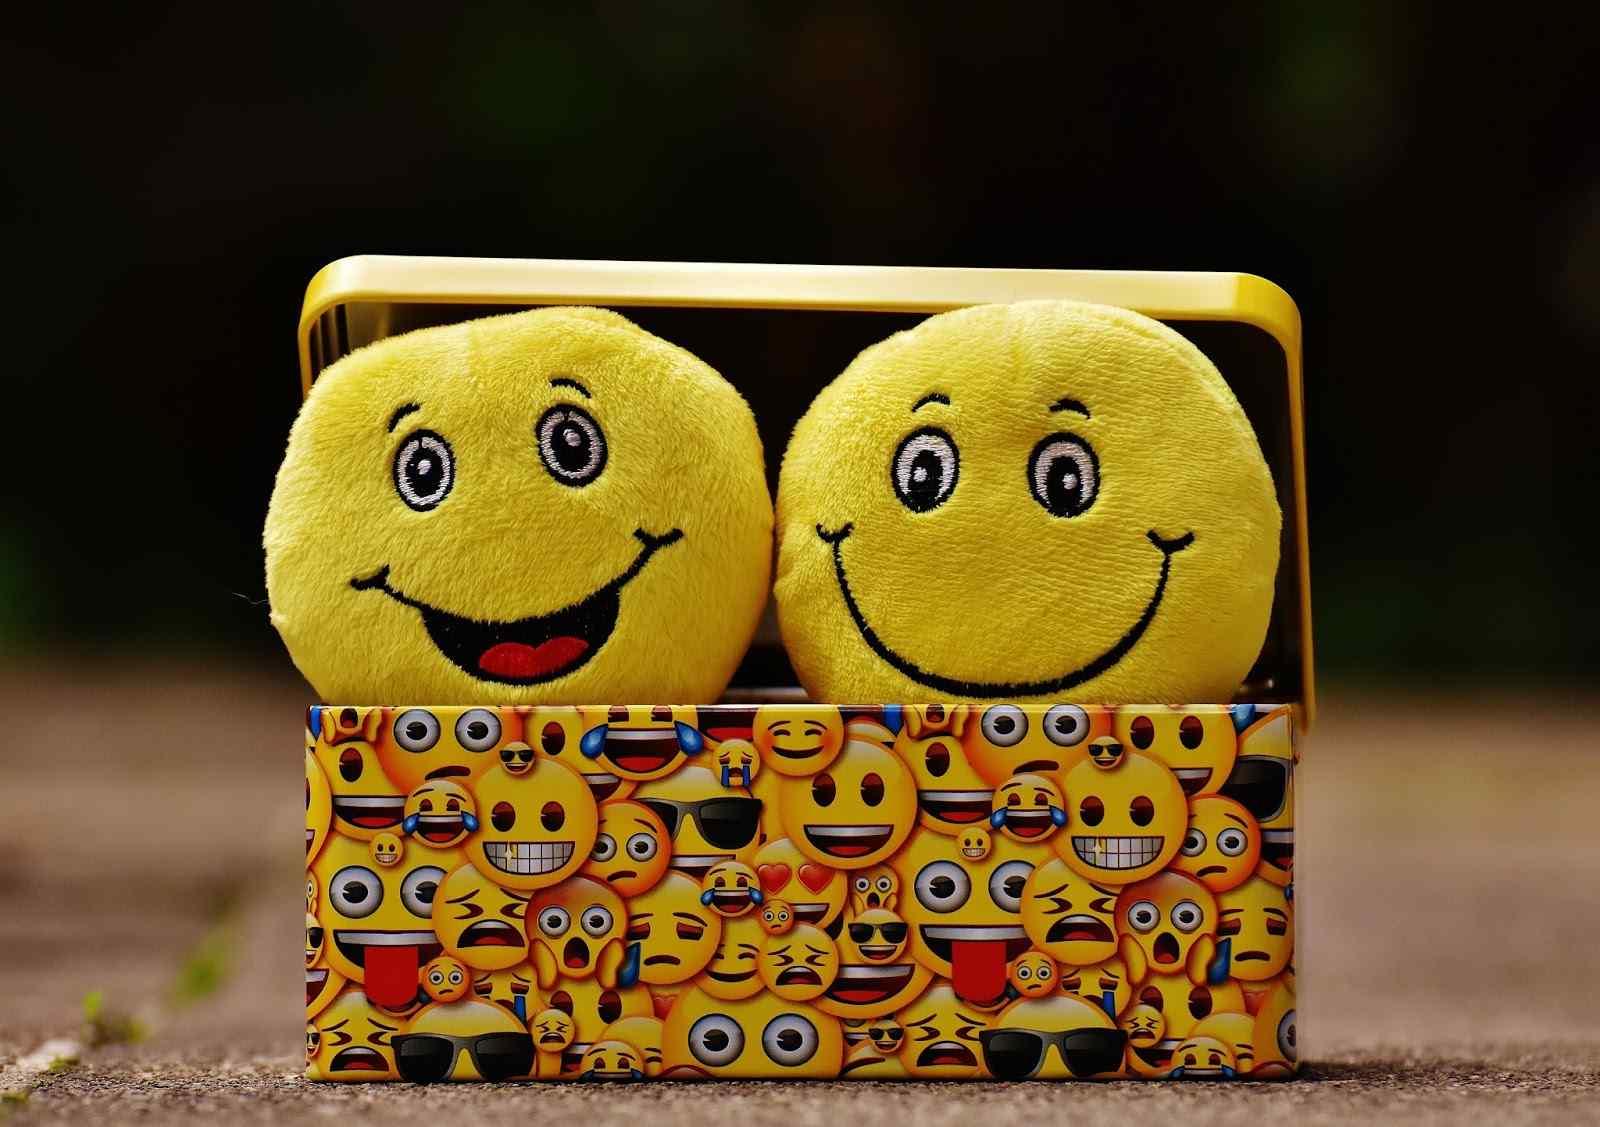 السعادة الحقيقية,السعادة,الحقيقية,السعادة الزوجية,ما السعادة,سعادة,ما هي السعادة الحقيقية؟,أسباب السعادة,الدكتور مصطفى محمود,احمد الشقيري,ابراهيم الفقي,السعادة في الحياة,السعادة الزوجية والجنس,الحب,سر السعادة الحقيقي,كيف تكون سعيدا